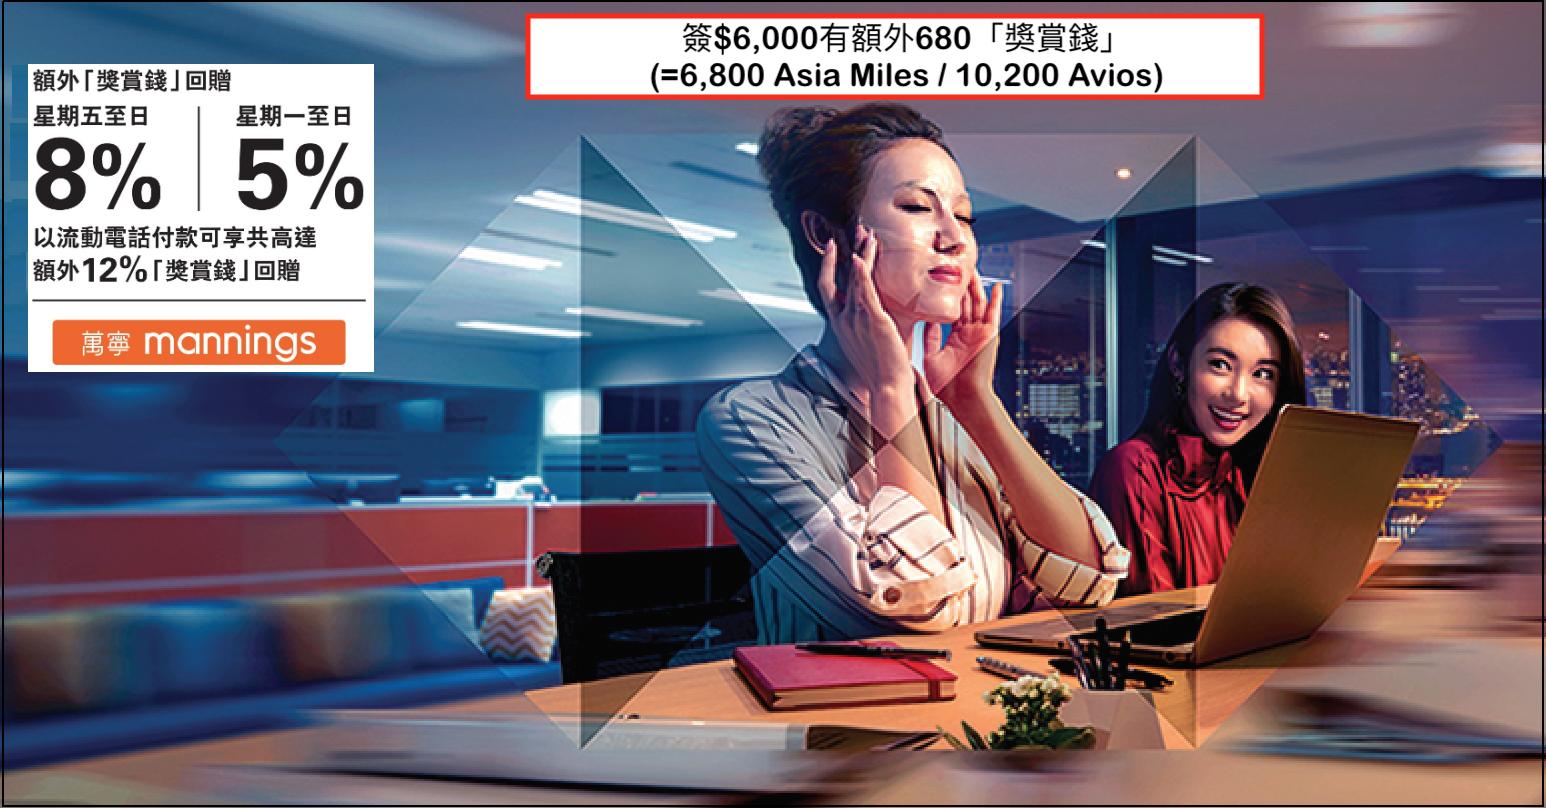 HSBC 最紅冬日賞 萬寧!簽$6,000有額外680「獎賞錢」(=6,800 Asia Miles 或 10,200 Avios)